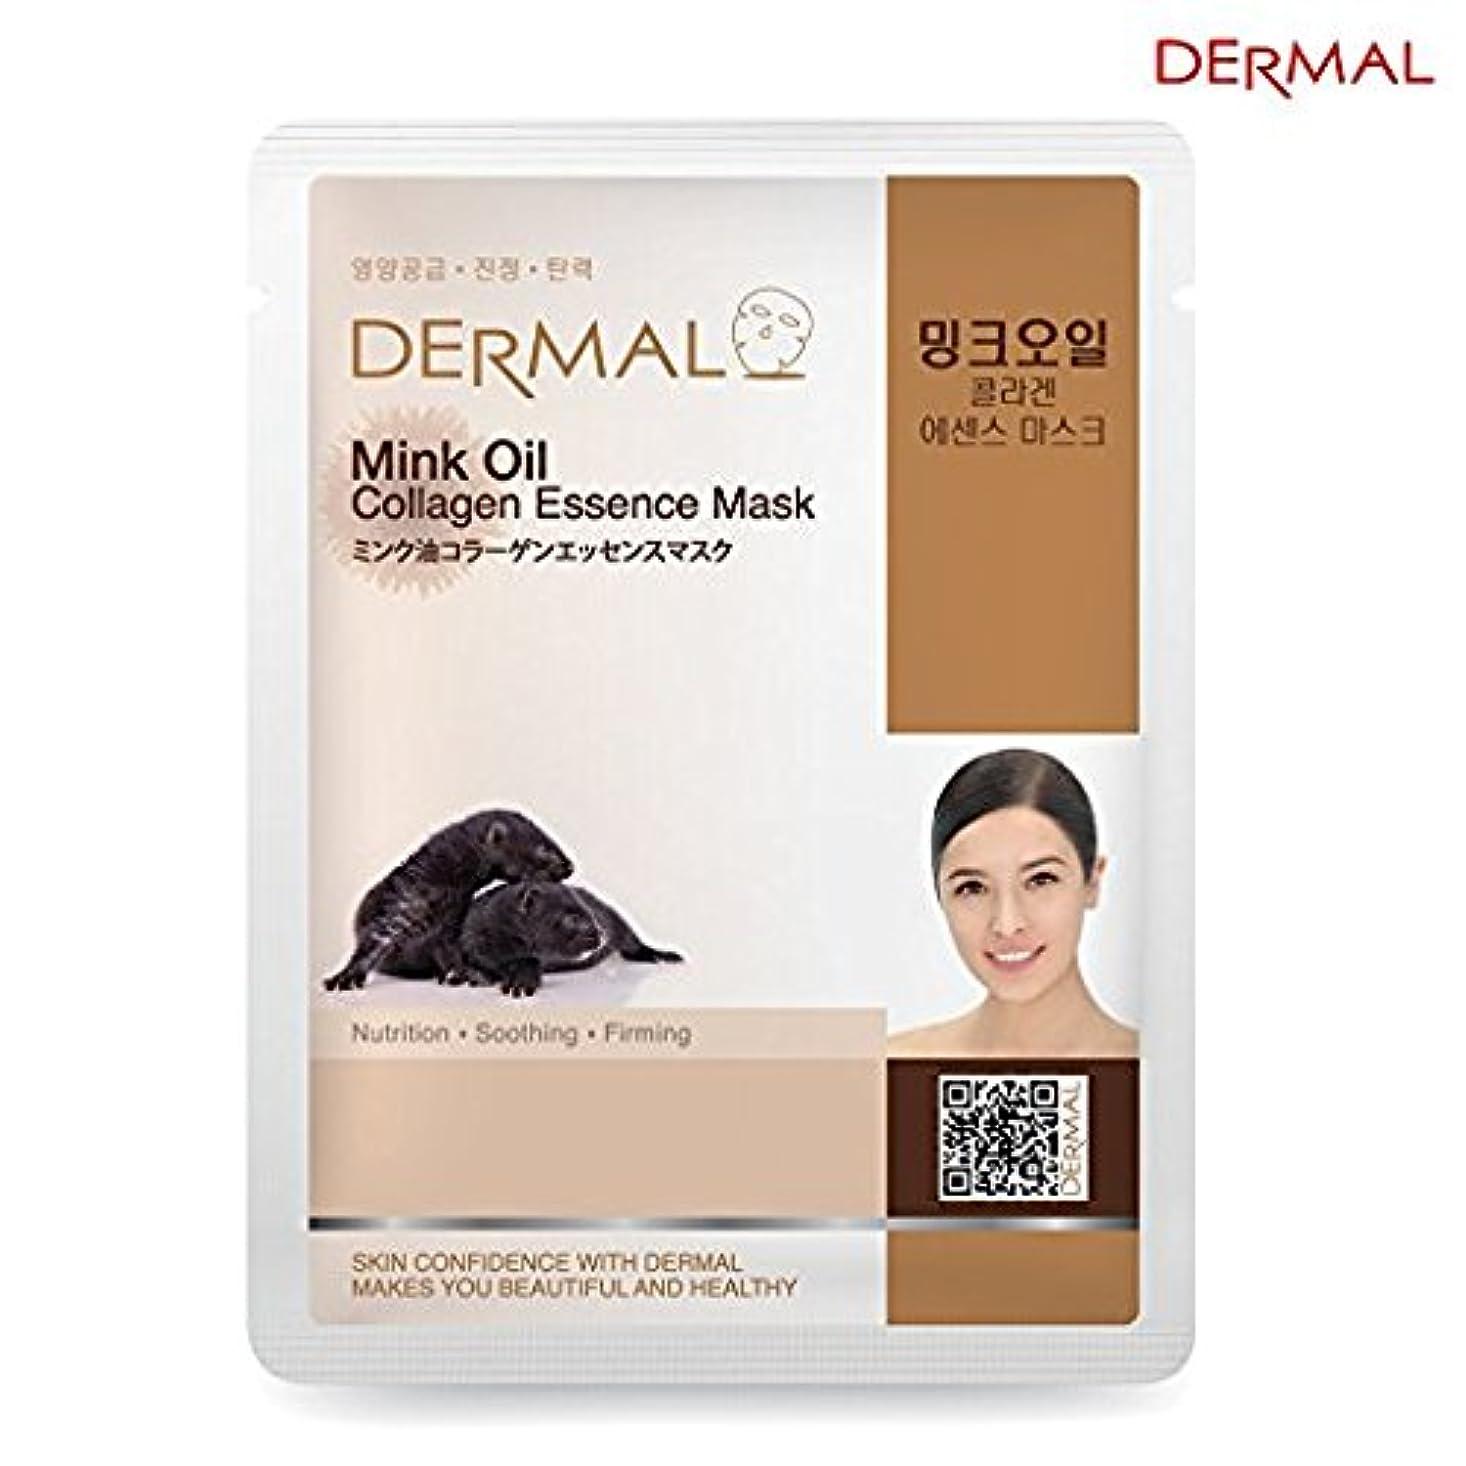 どれでも大いに安全でないシート マスク ミンク油エキス ダーマル Dermal 23g (100枚セット) 韓国コスメ コラーゲンエッセンスマスク フェイス パック